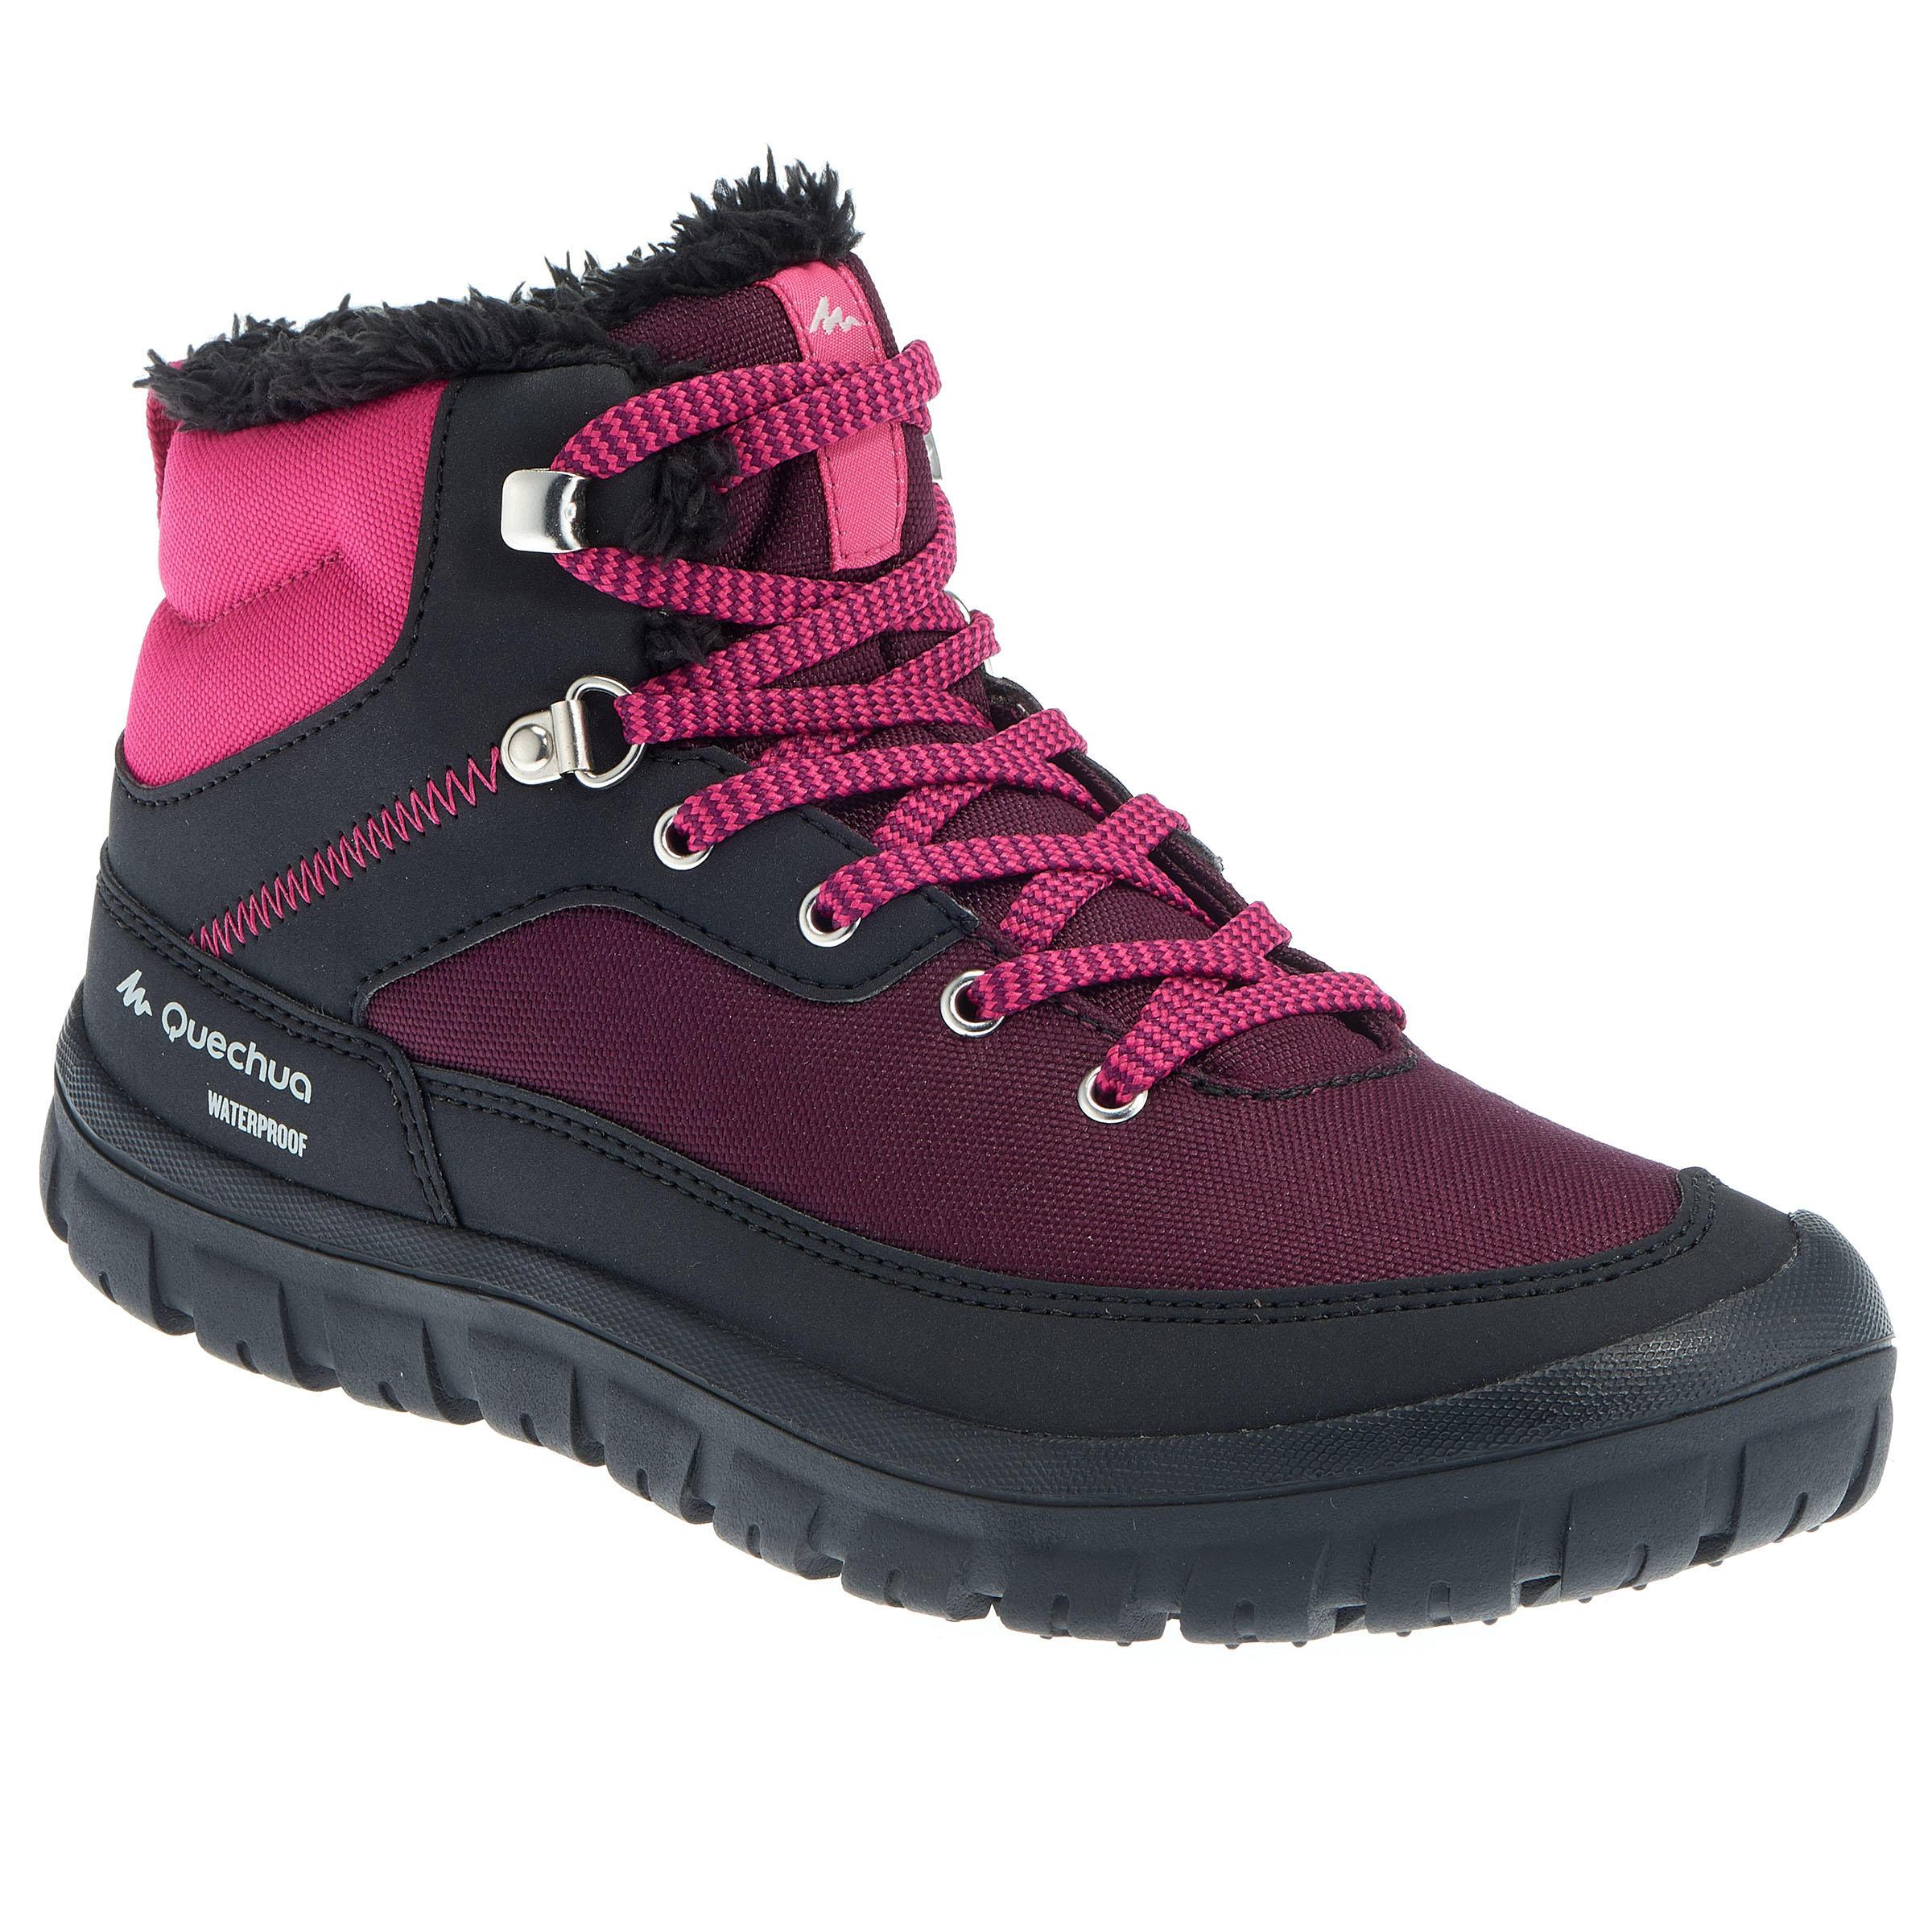 Botas de senderismo nieve para niños SH100 cordones, cálidas e impermeables rosa